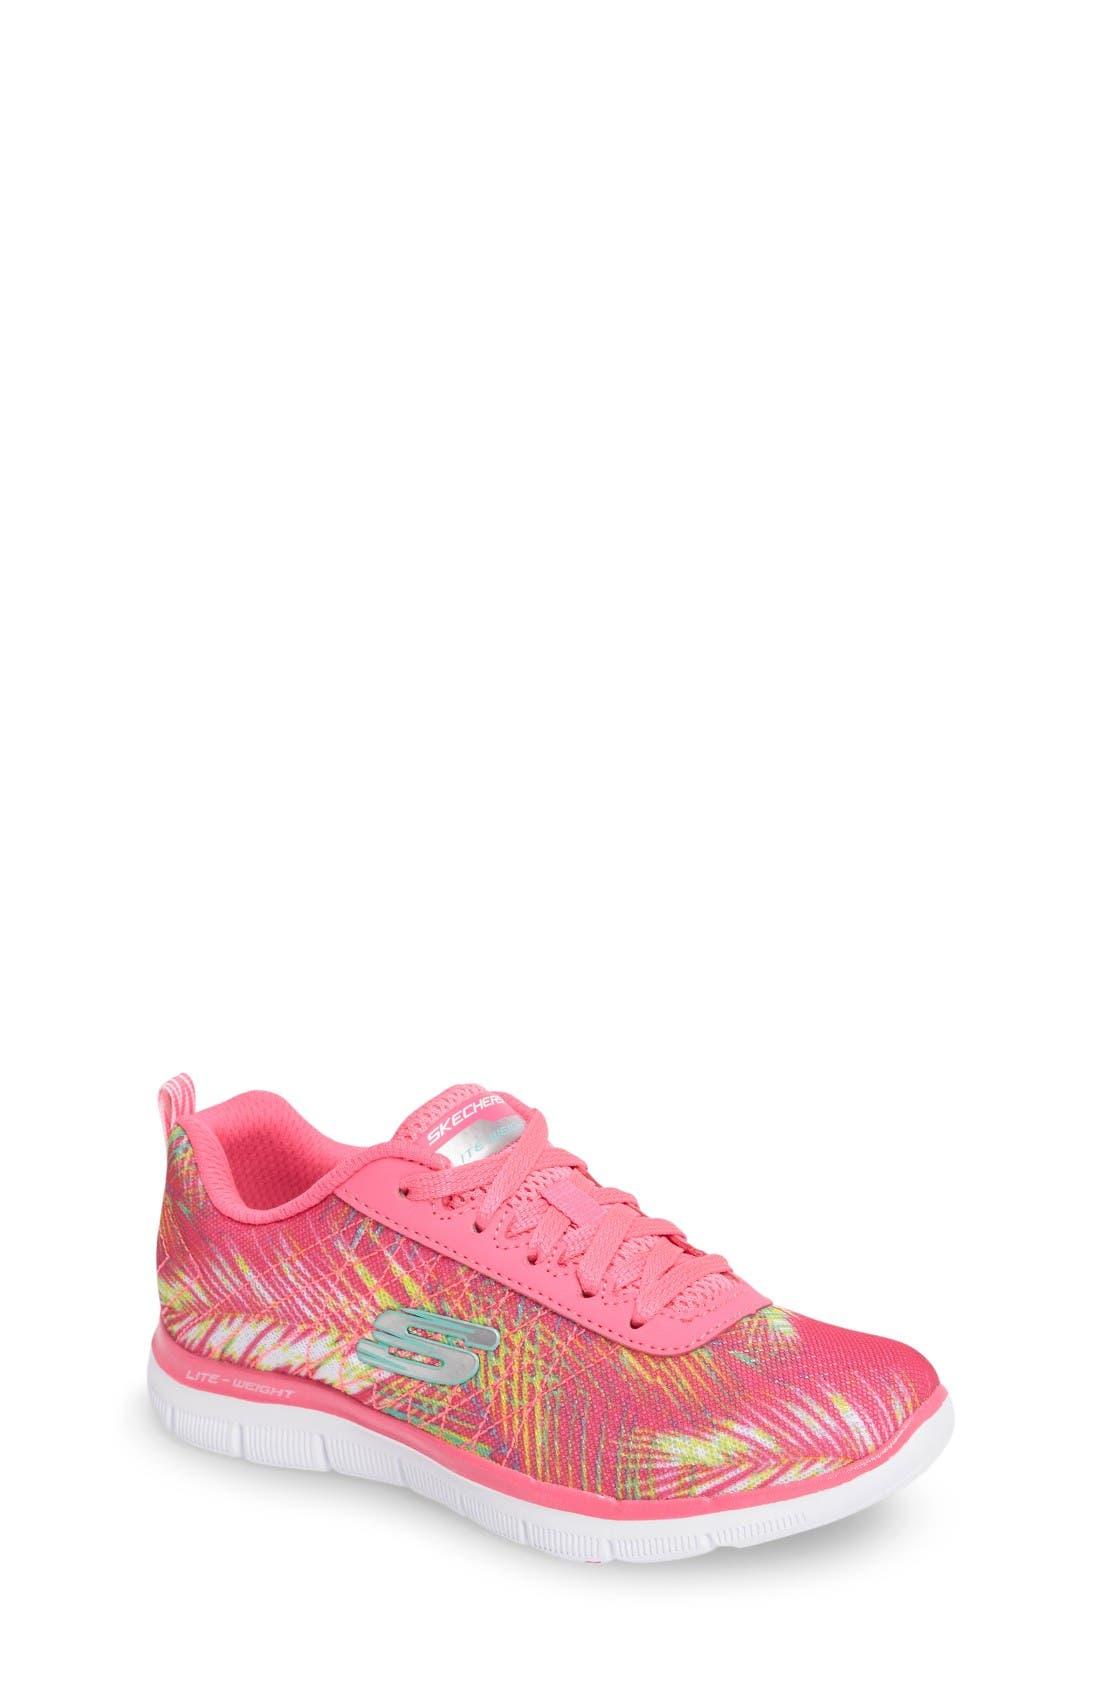 SKECHERS Skech Appeal 2.0 Tropical Breeze Sneaker